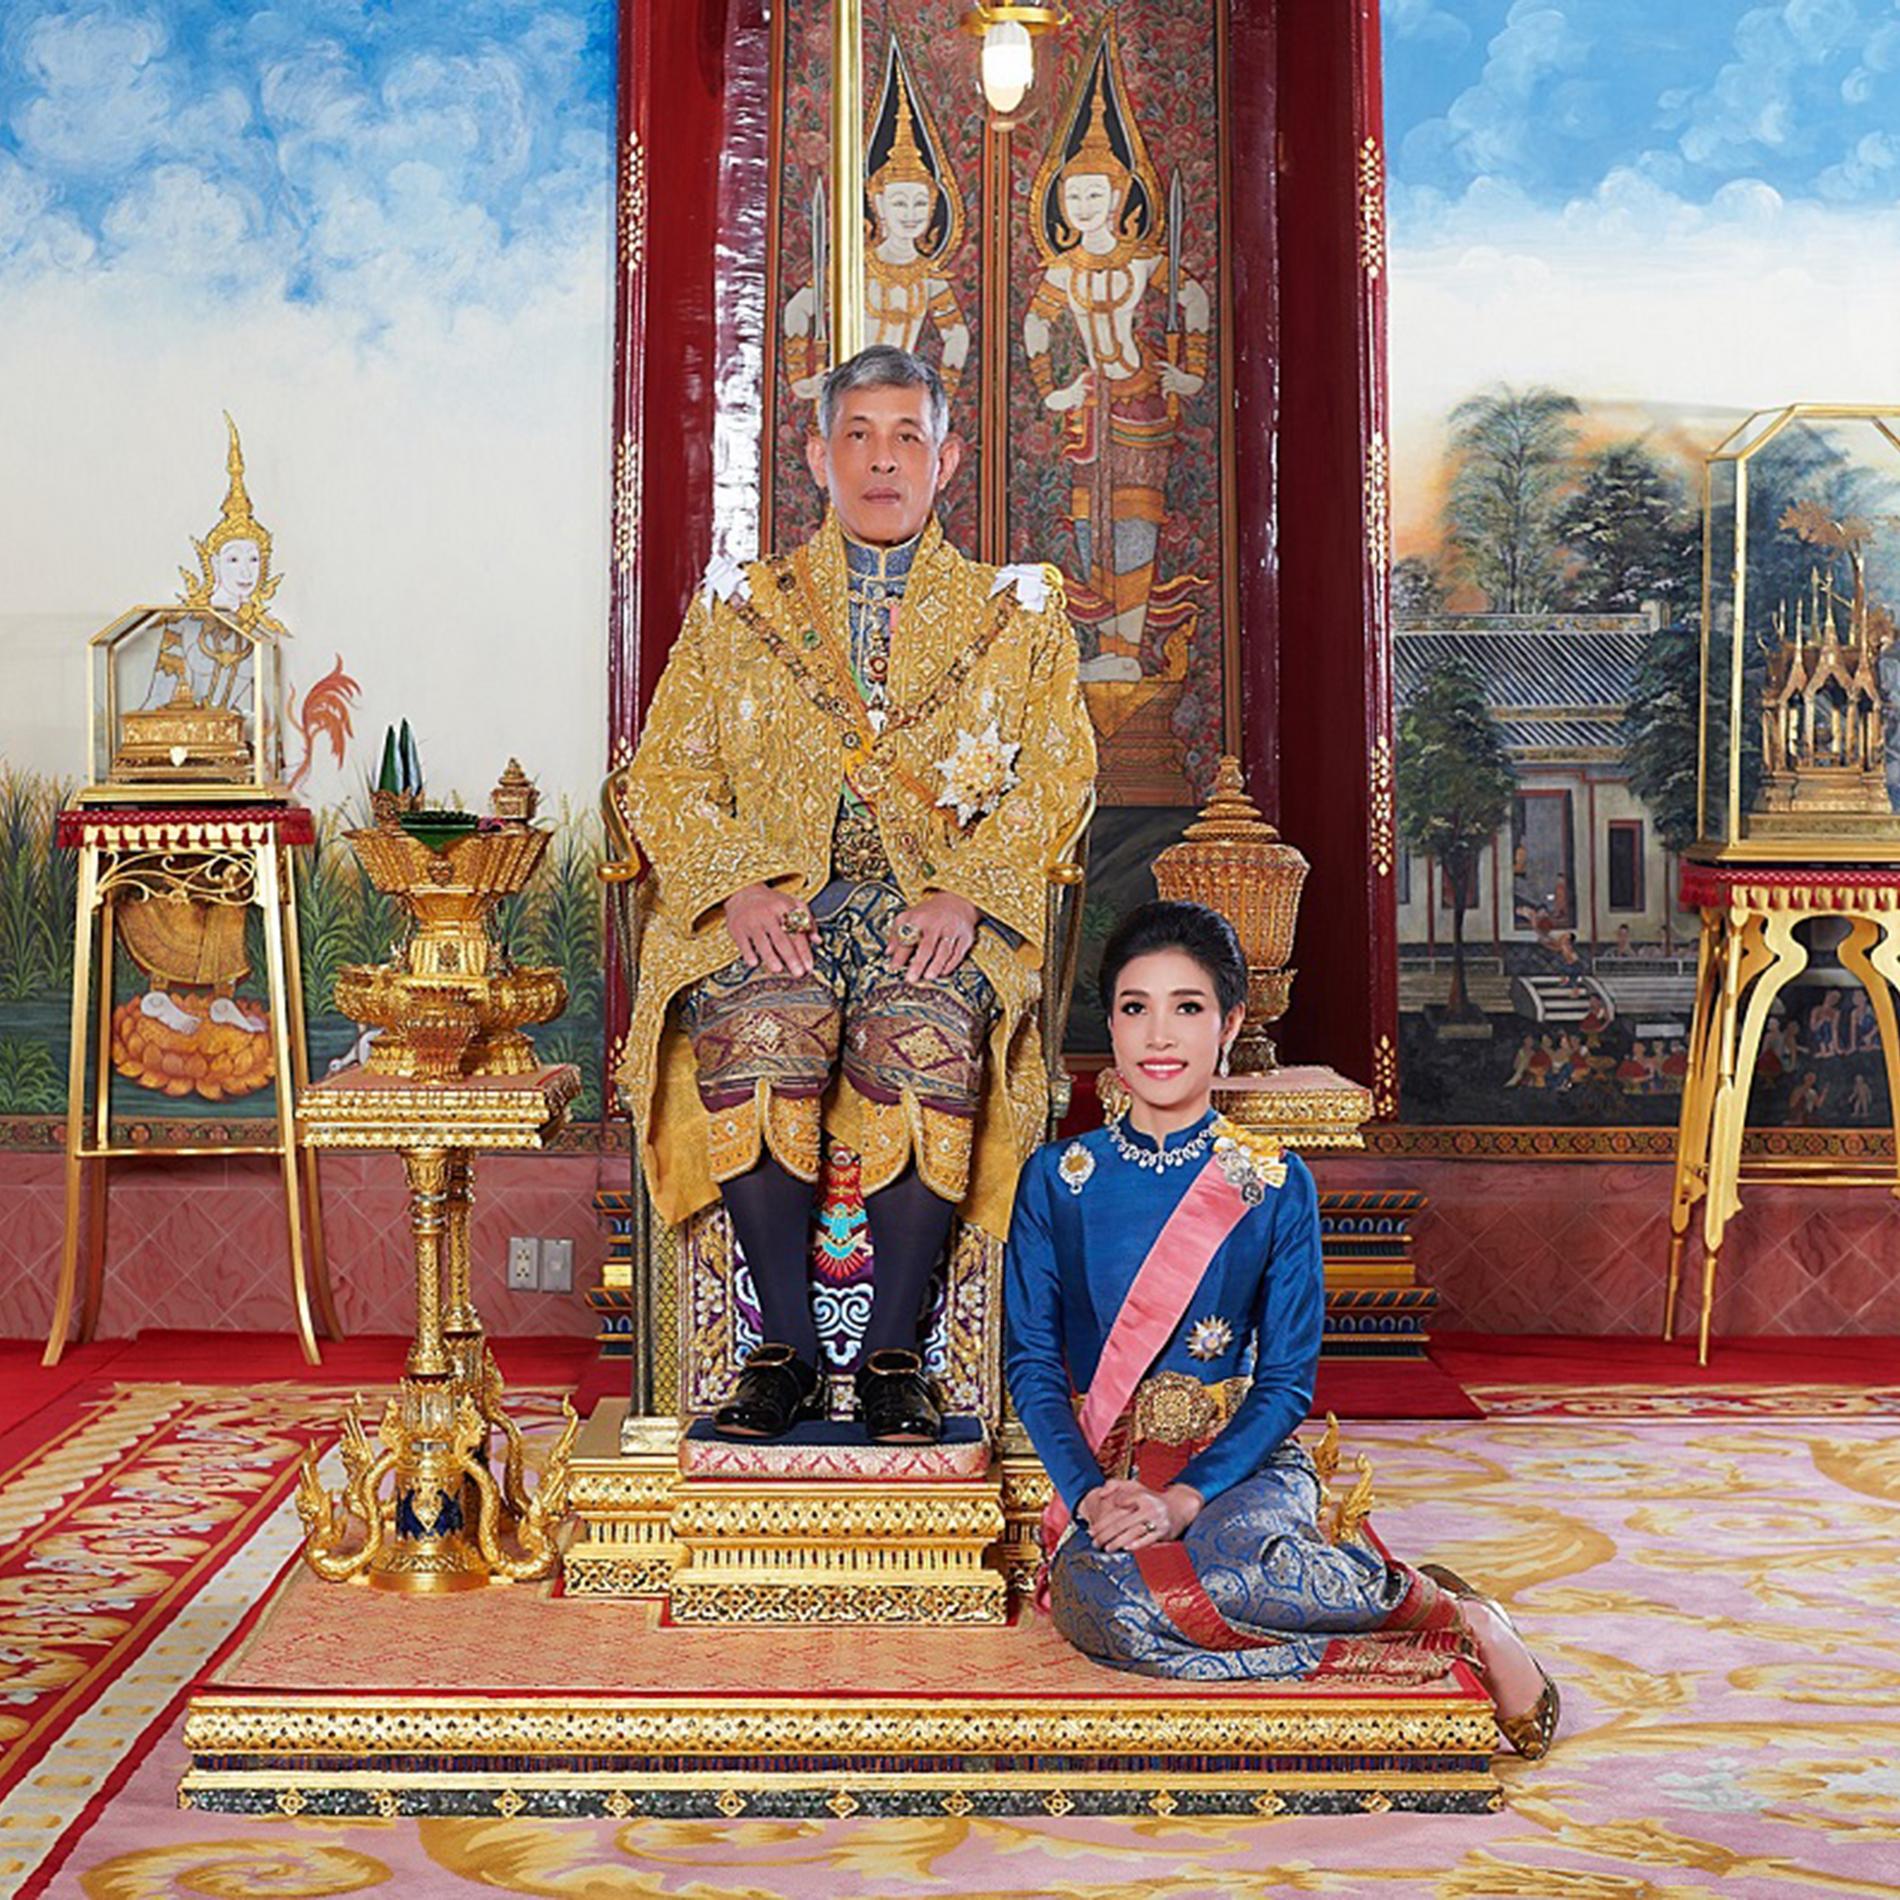 Les photos du roi de Thaïlande Rama X et sa concubine officielle